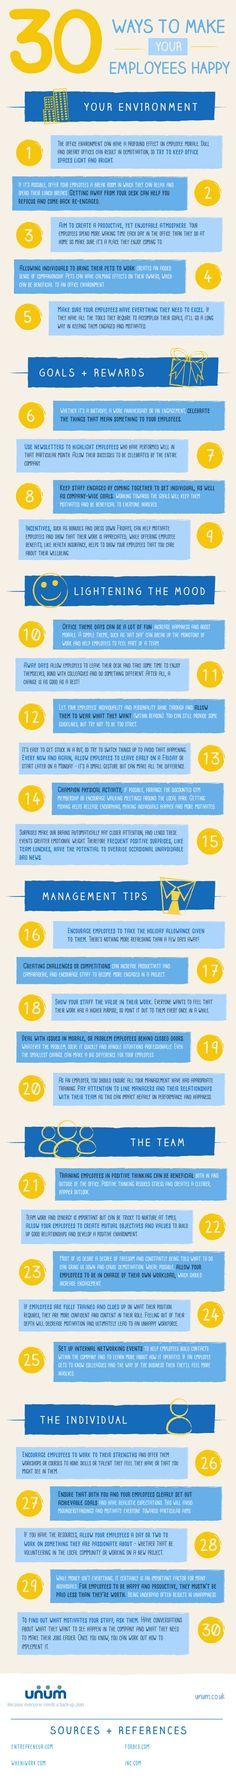 30 ways to make your employees happy - Unum